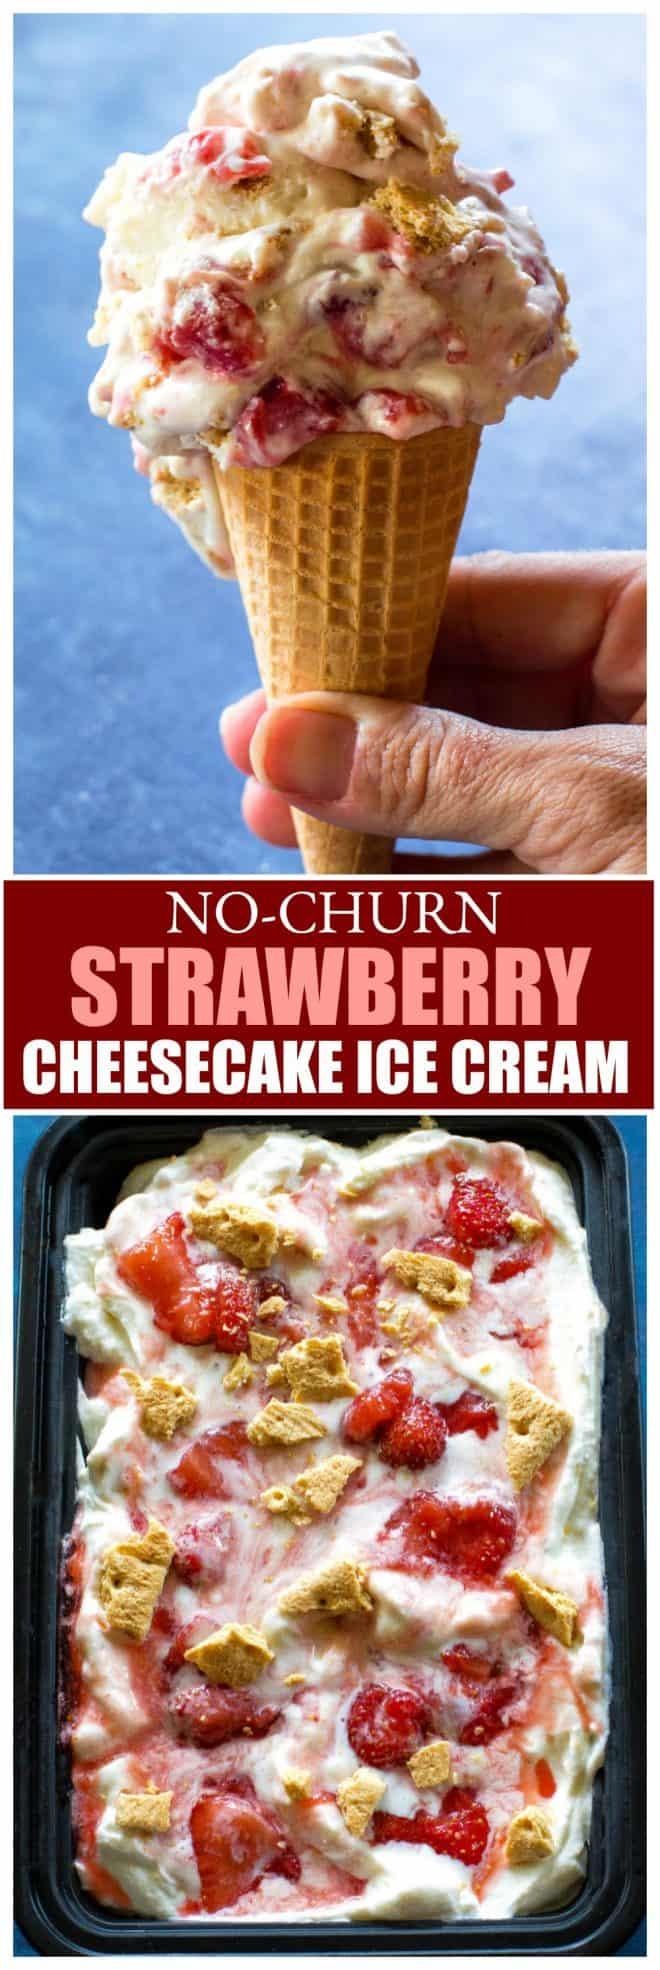 hurn Strawberry Cheesecake Ice Cream